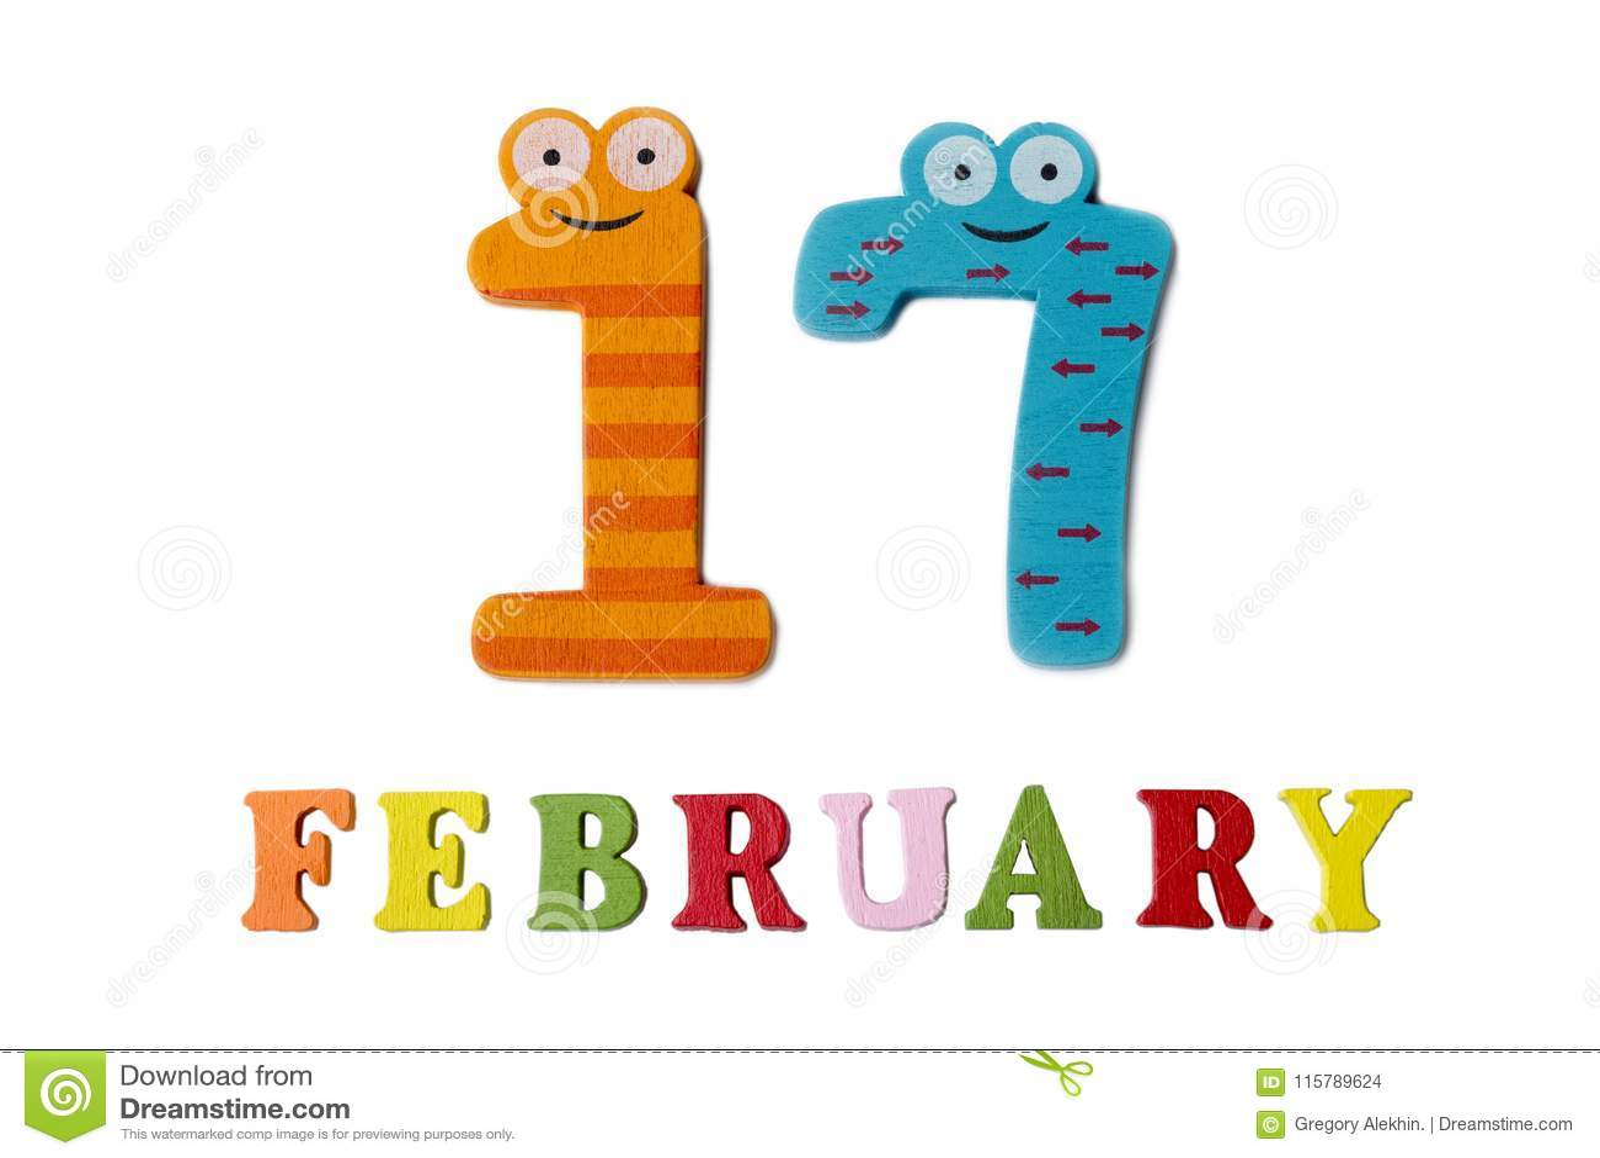 Fiori Bianchi E Gialli 11 Lettere.17 Febbraio Su Fondo Sui Numeri E Sulle Lettere Bianchi